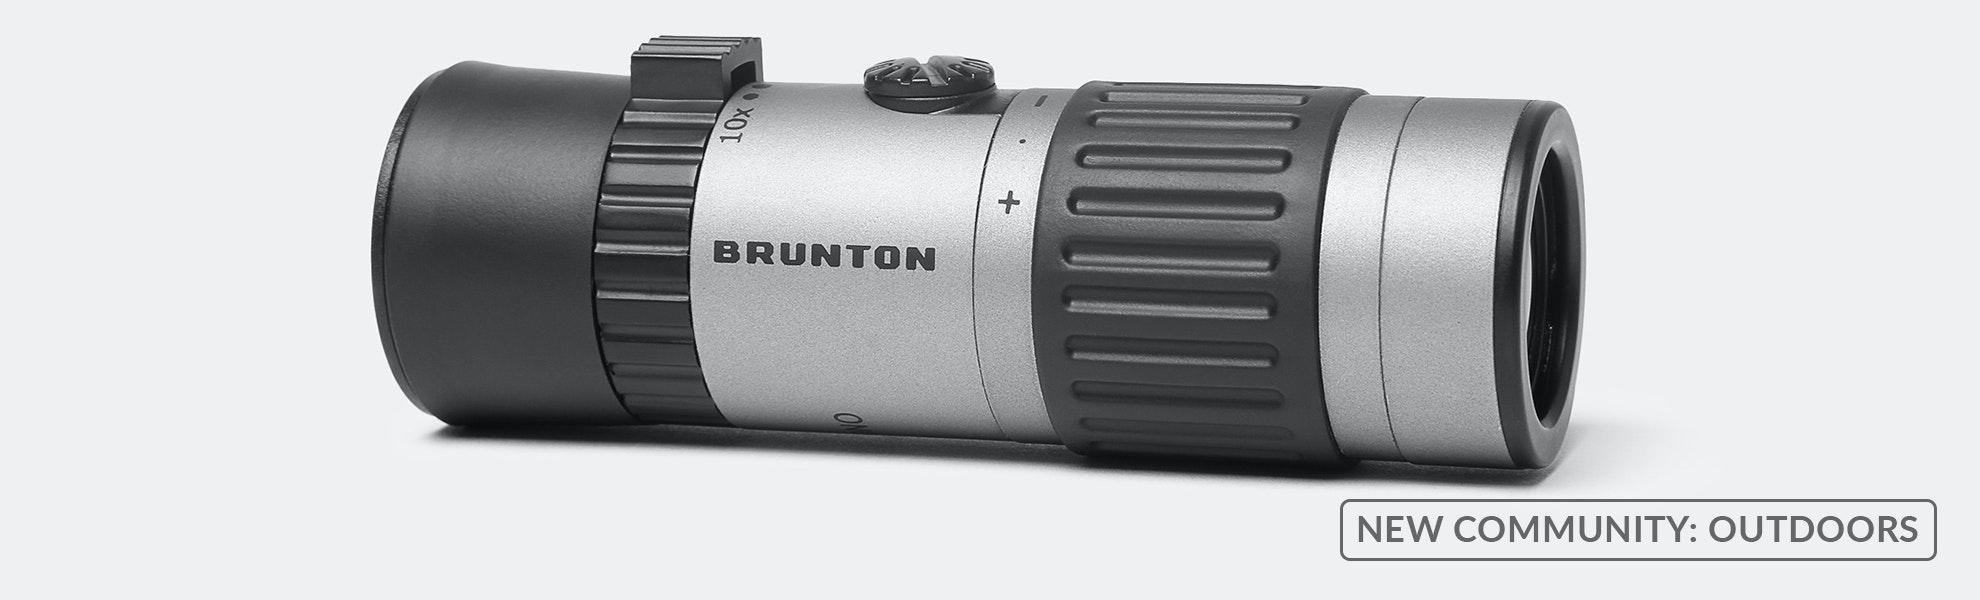 Brunton ECHO Zoom Monocular